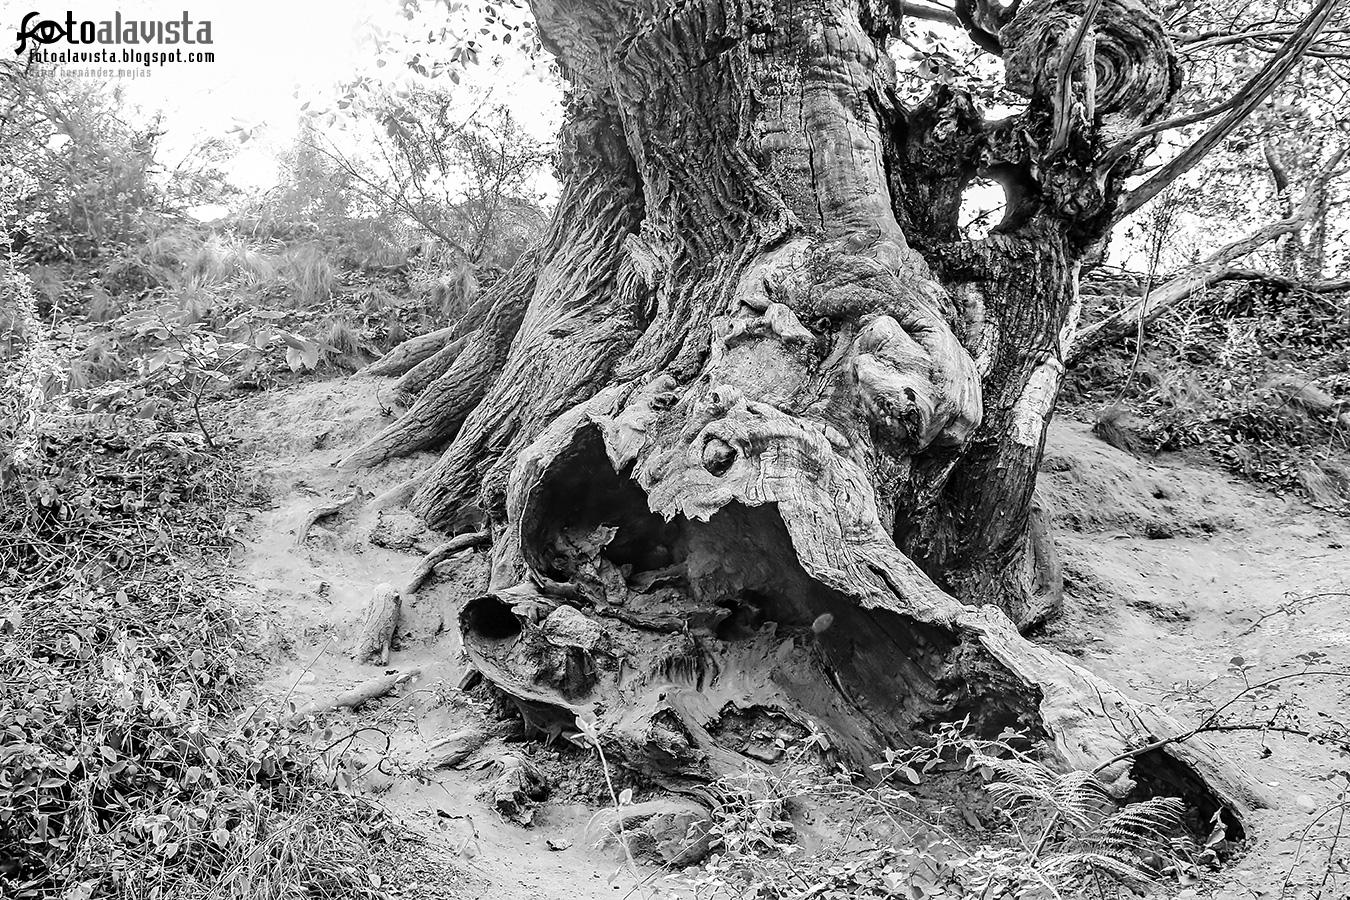 Hallando múltiples formas en este viejo tronco - Fotografía artística